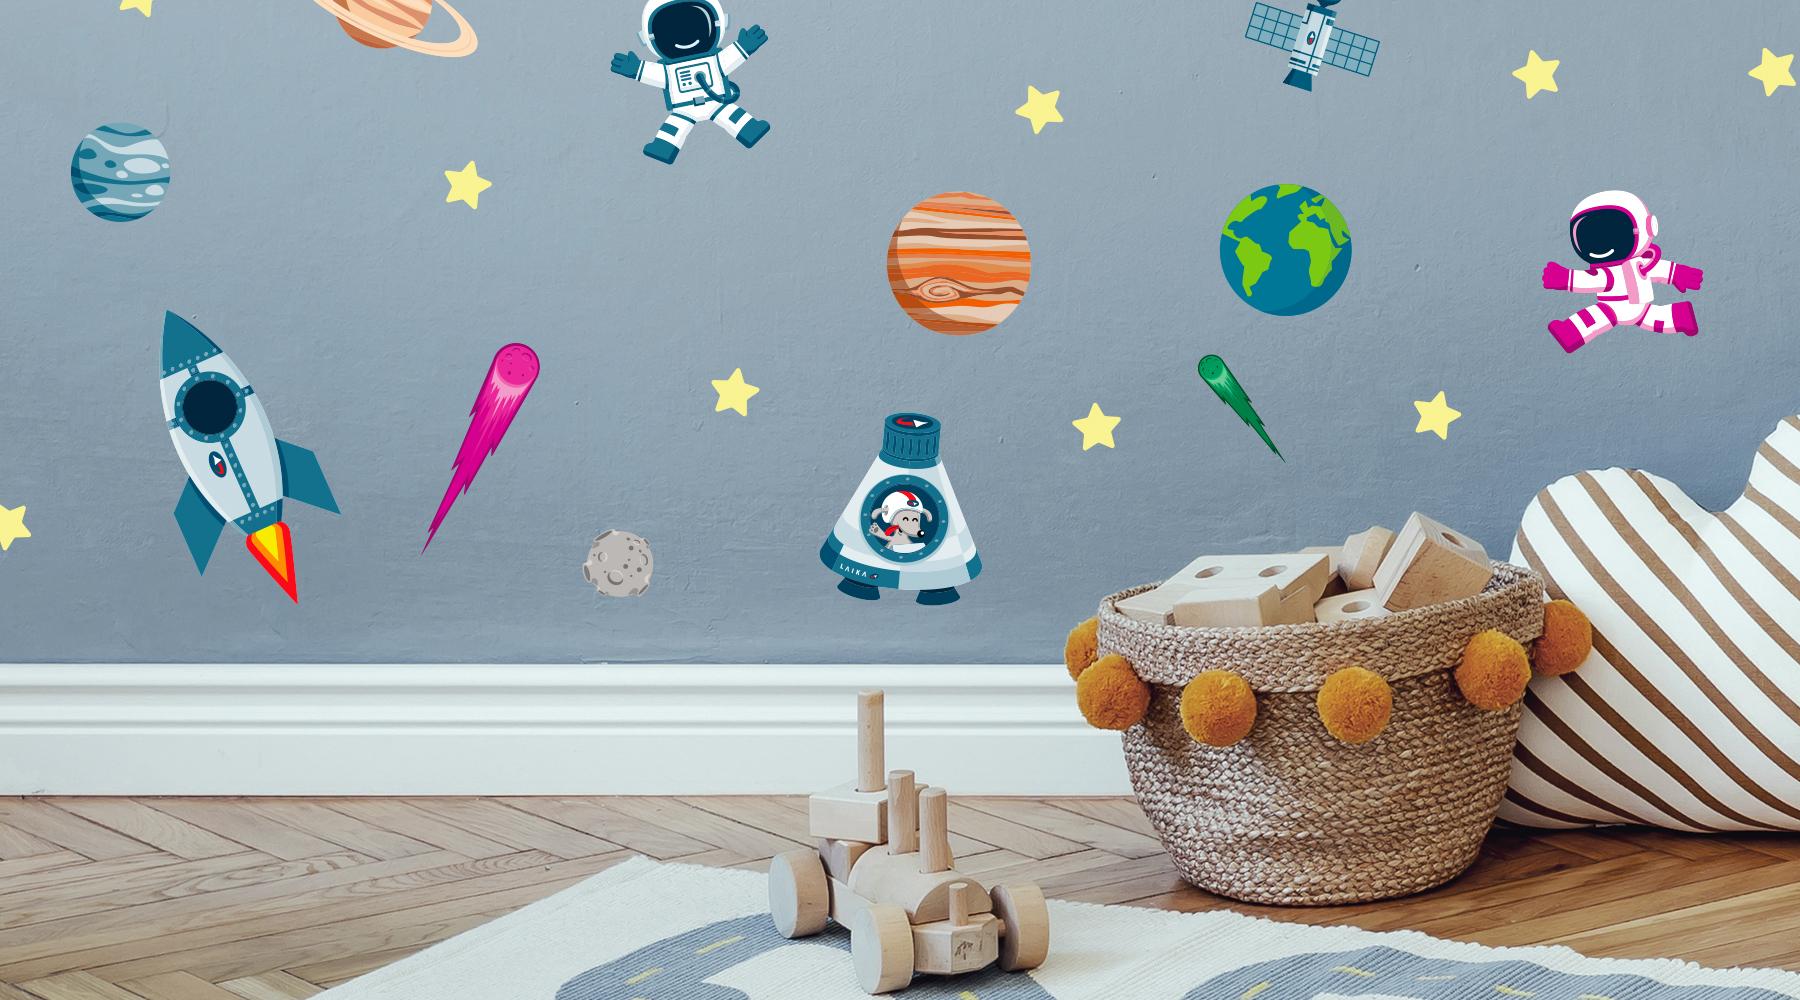 Wandsticker mit Weltraum